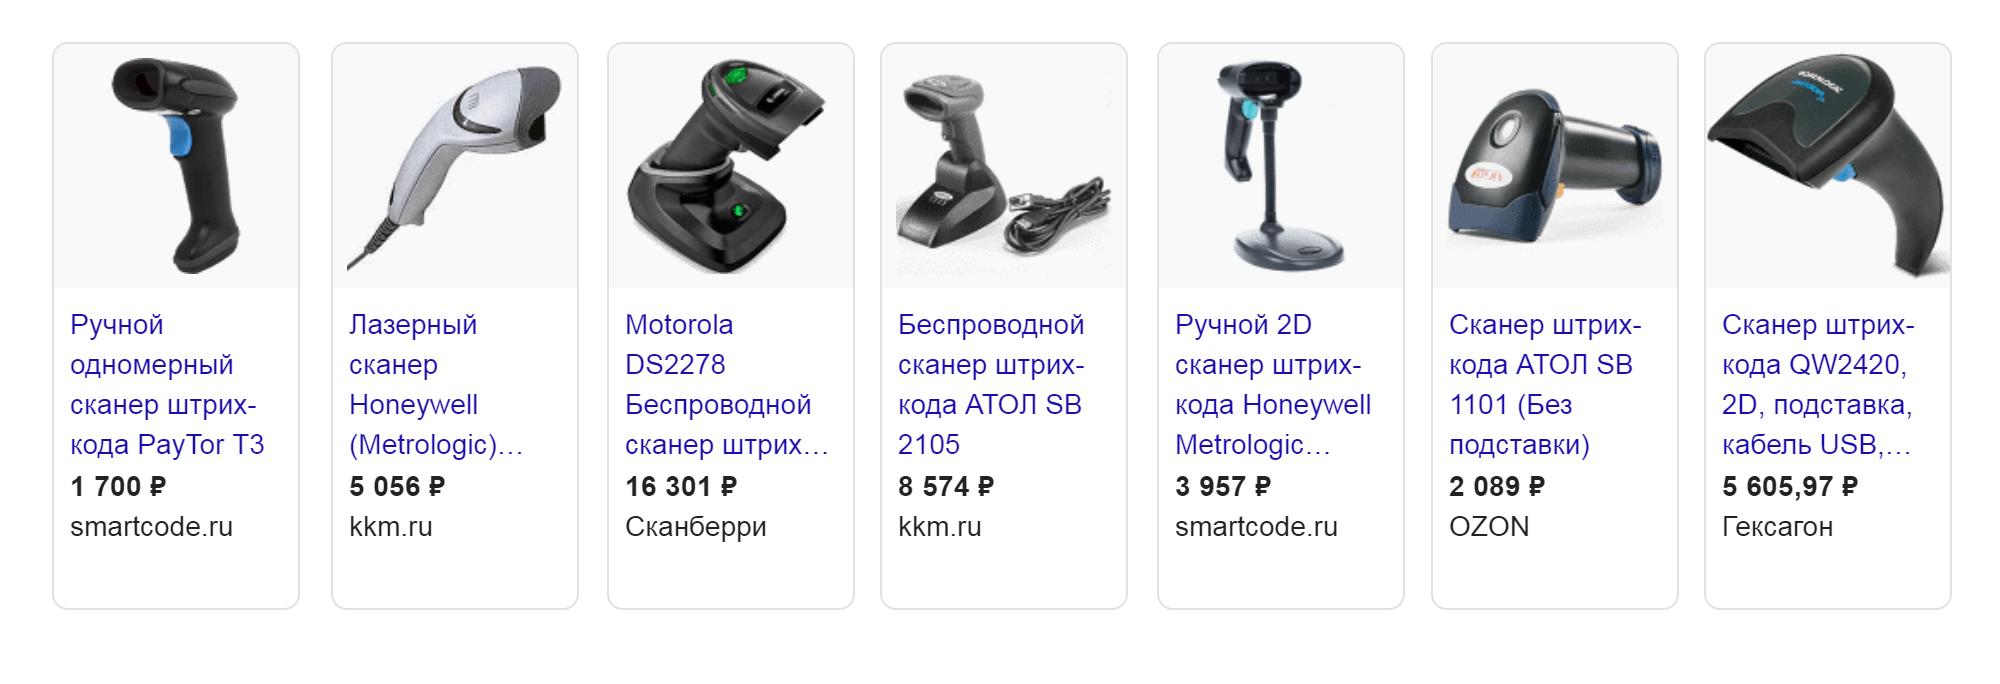 Такой сканер не сможет автоматически проверять всю партию — придется самостоятельно «пробивать» этикетку накаждом товаре